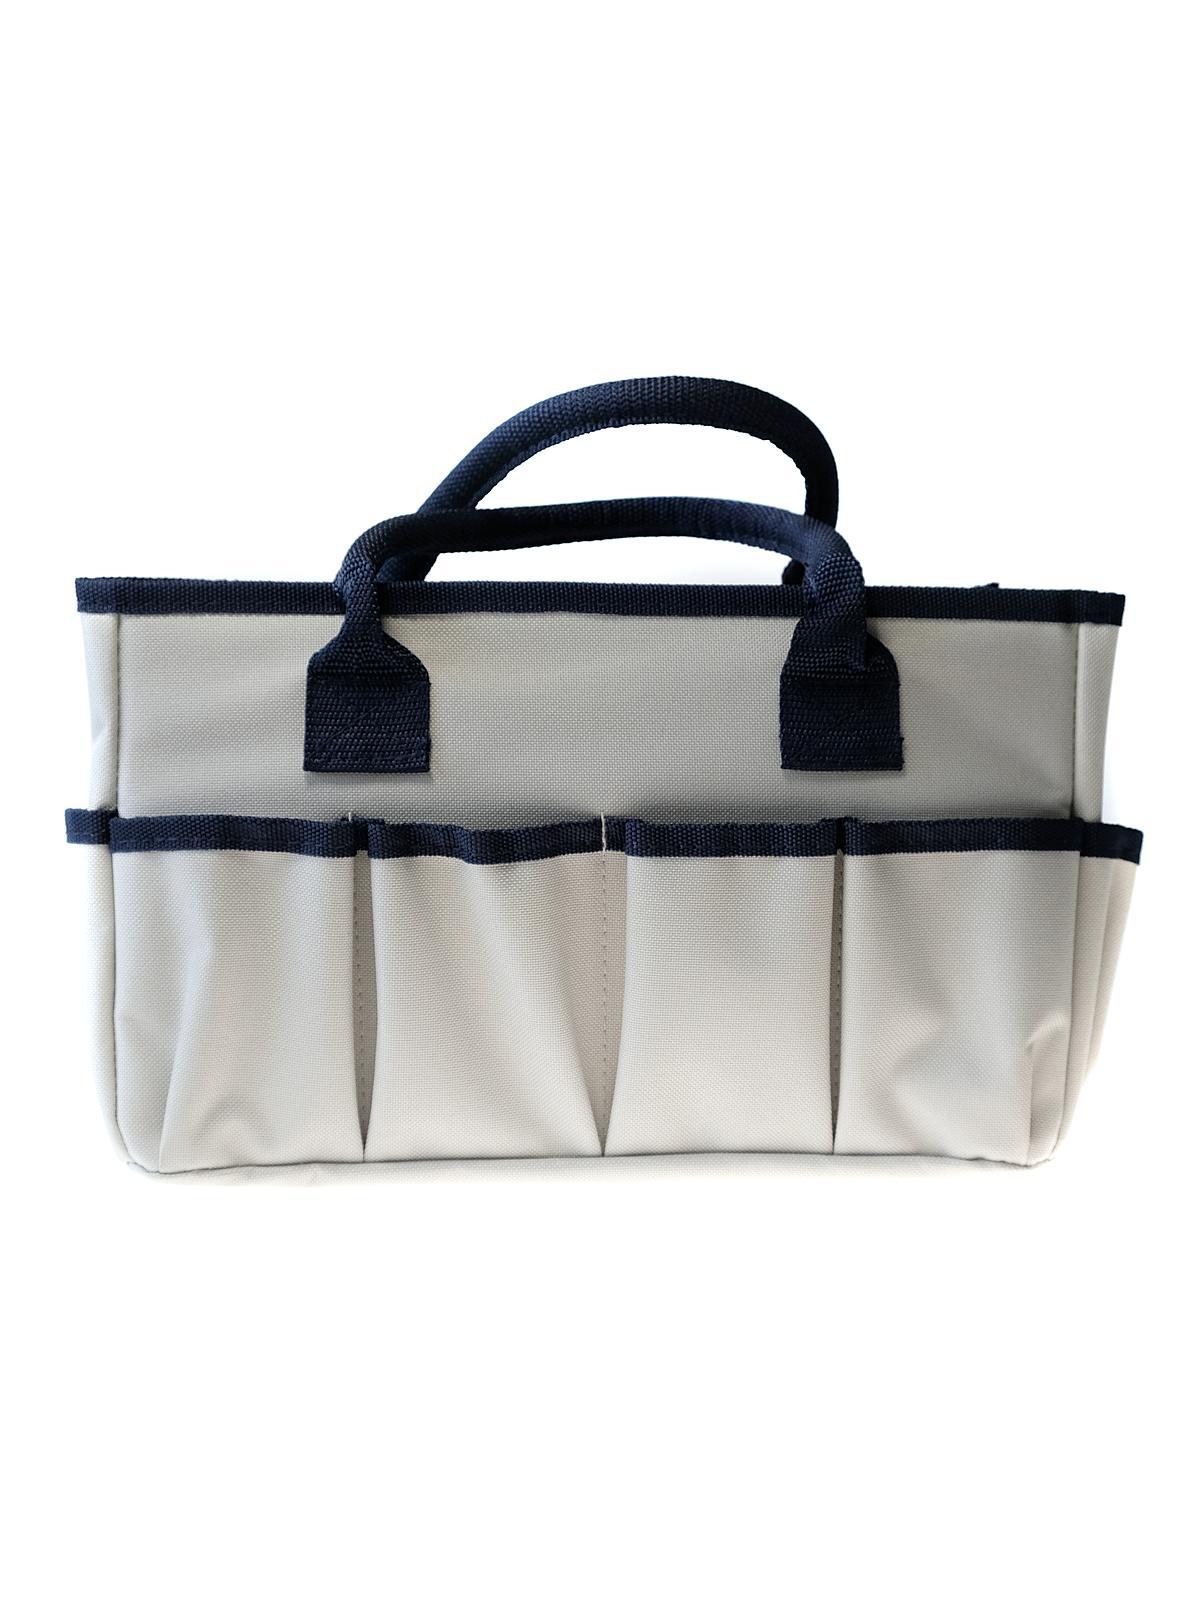 Profolio Entourage Tote Bag